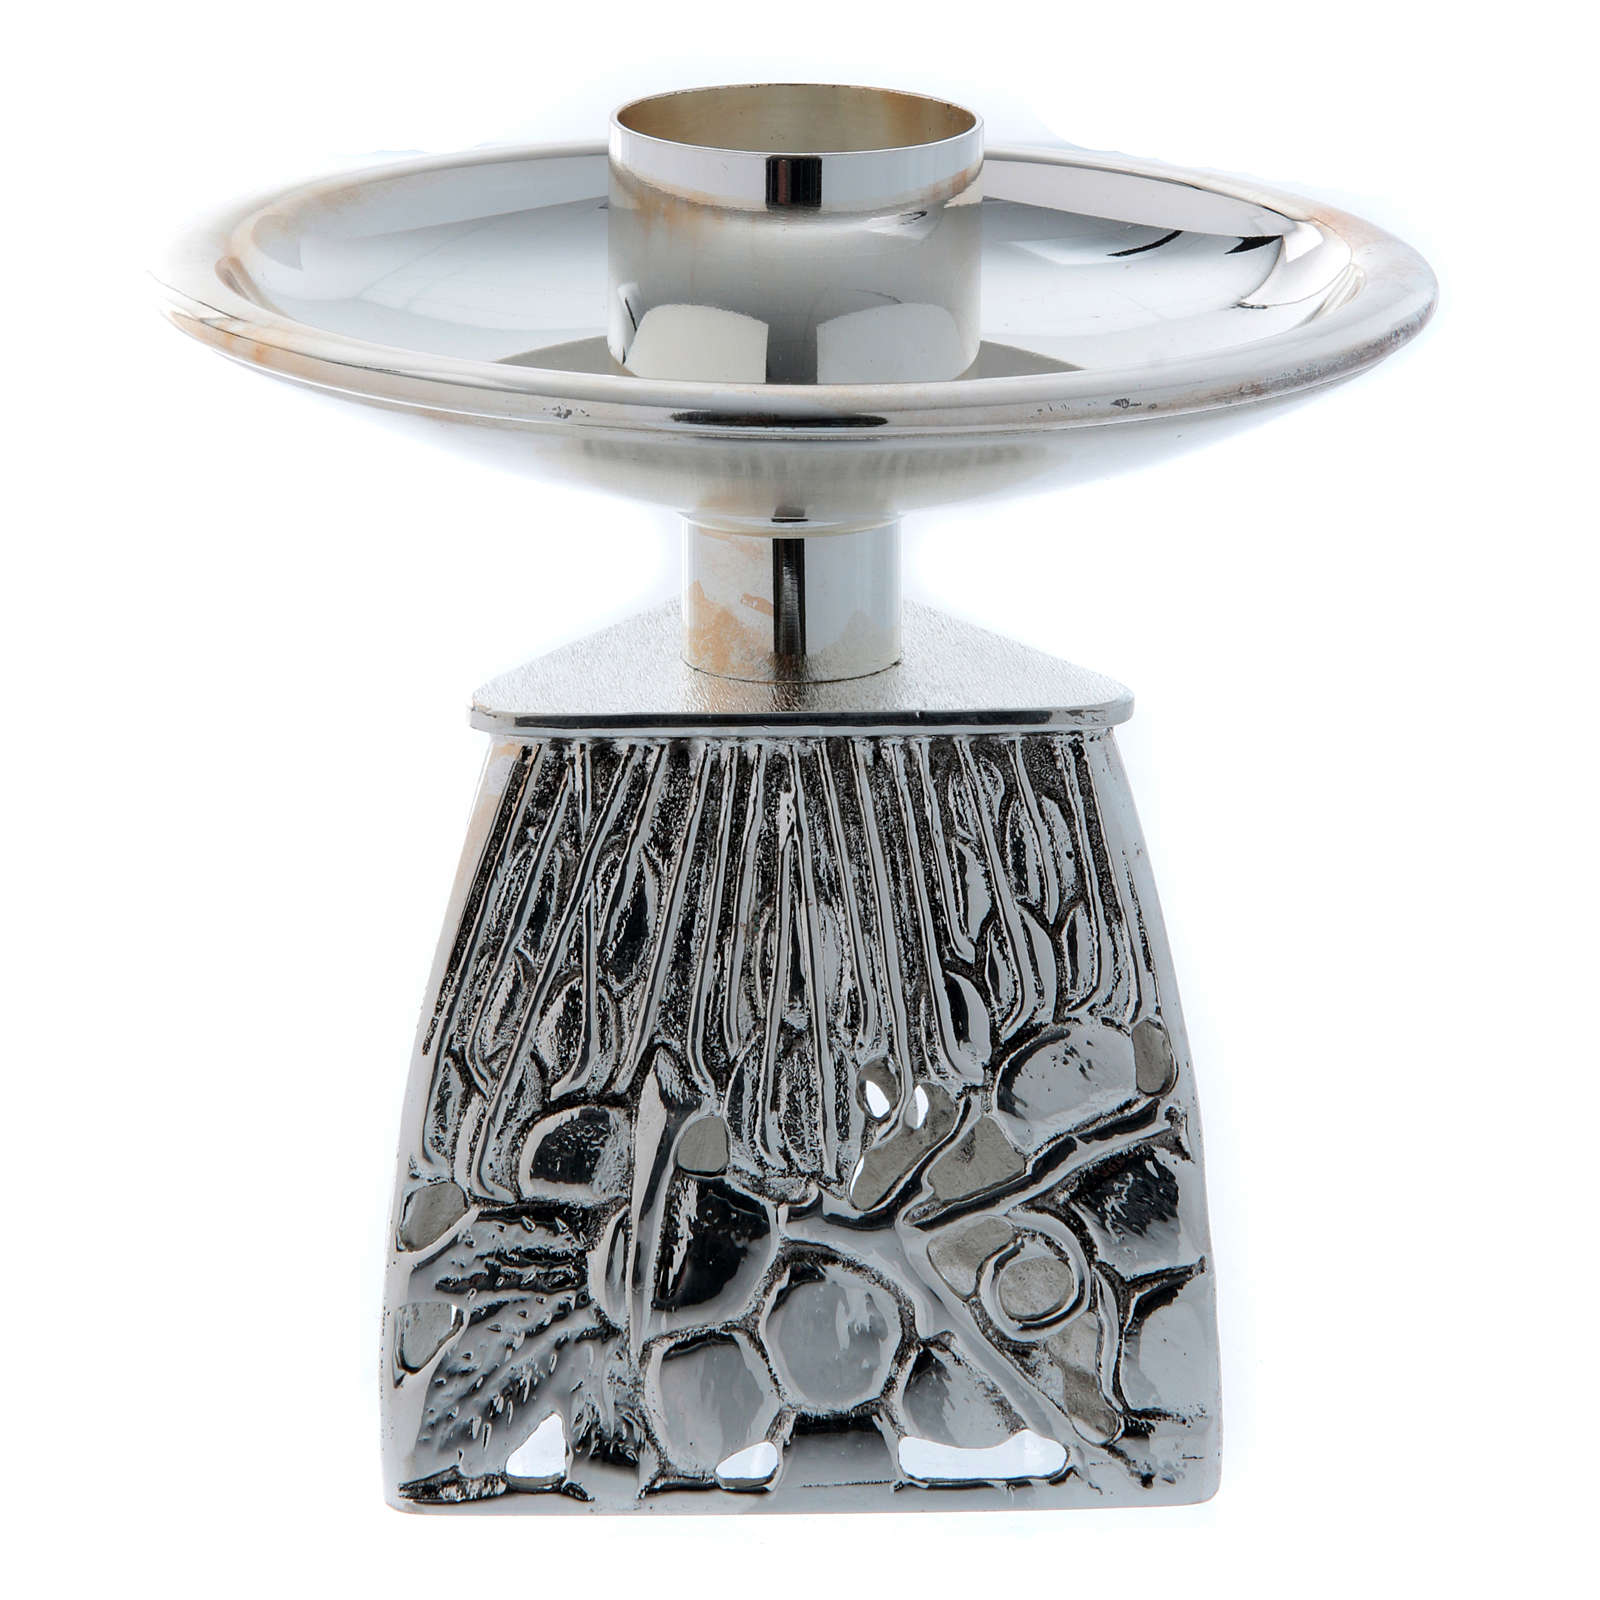 Chandelier d'autel laiton argenté fondu 4